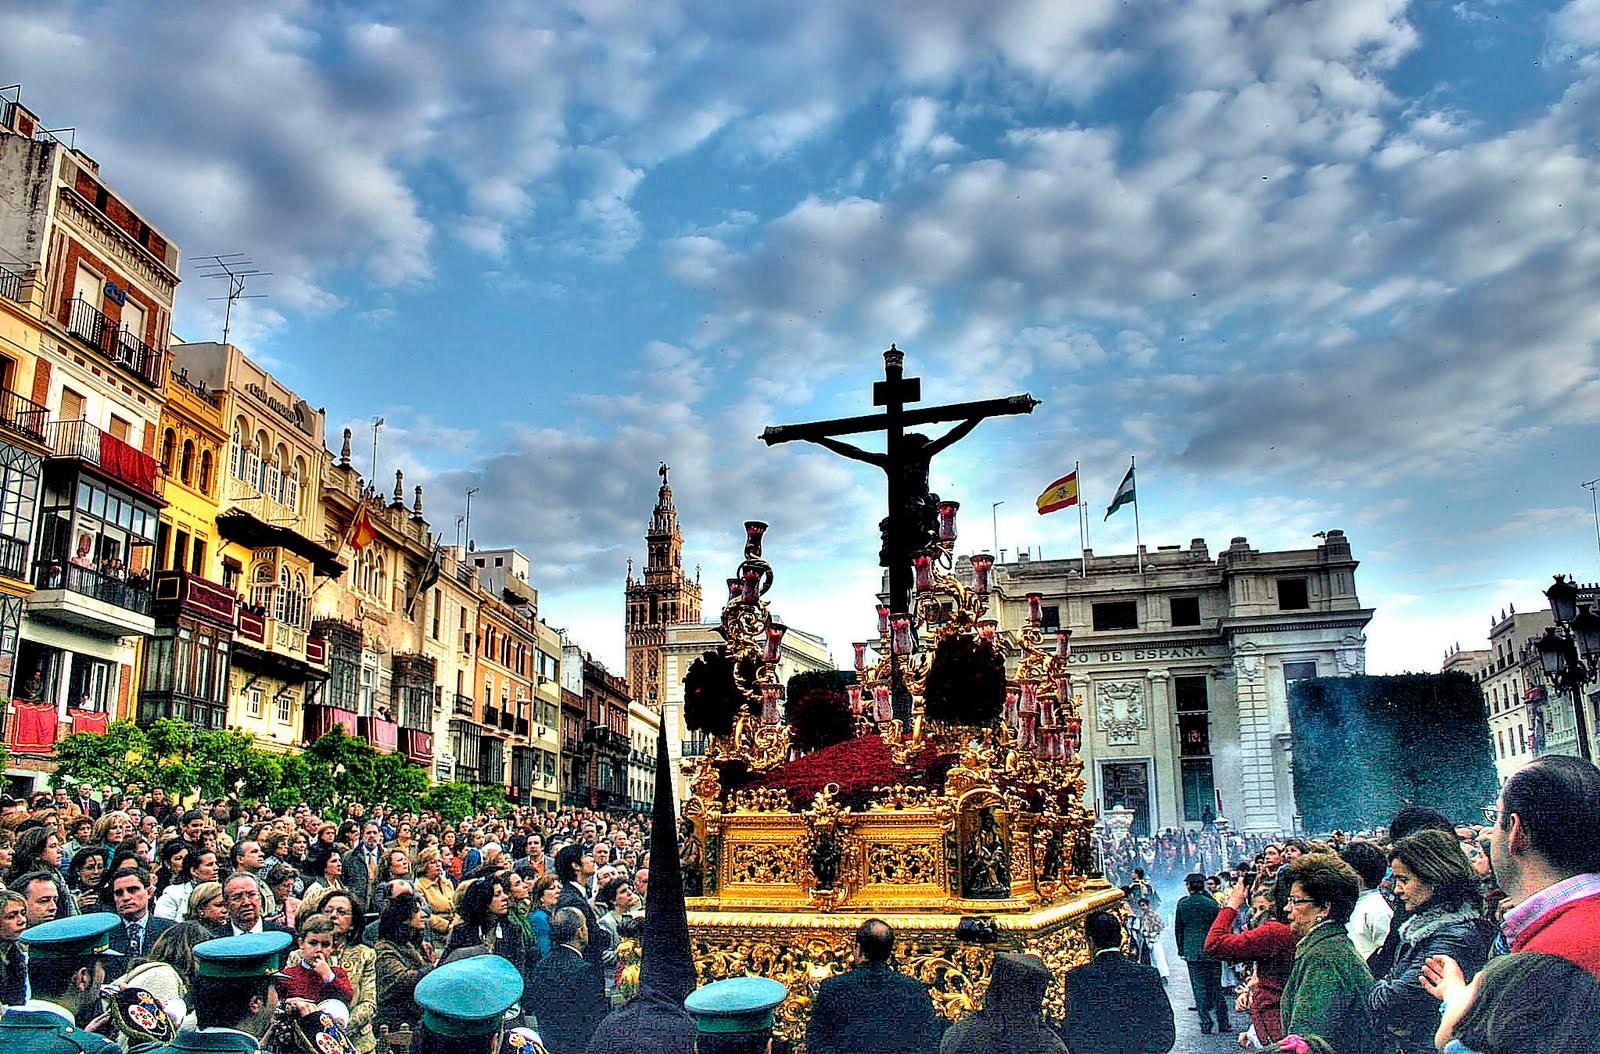 Inteligencia artificial para la Semana Santa de Sevilla